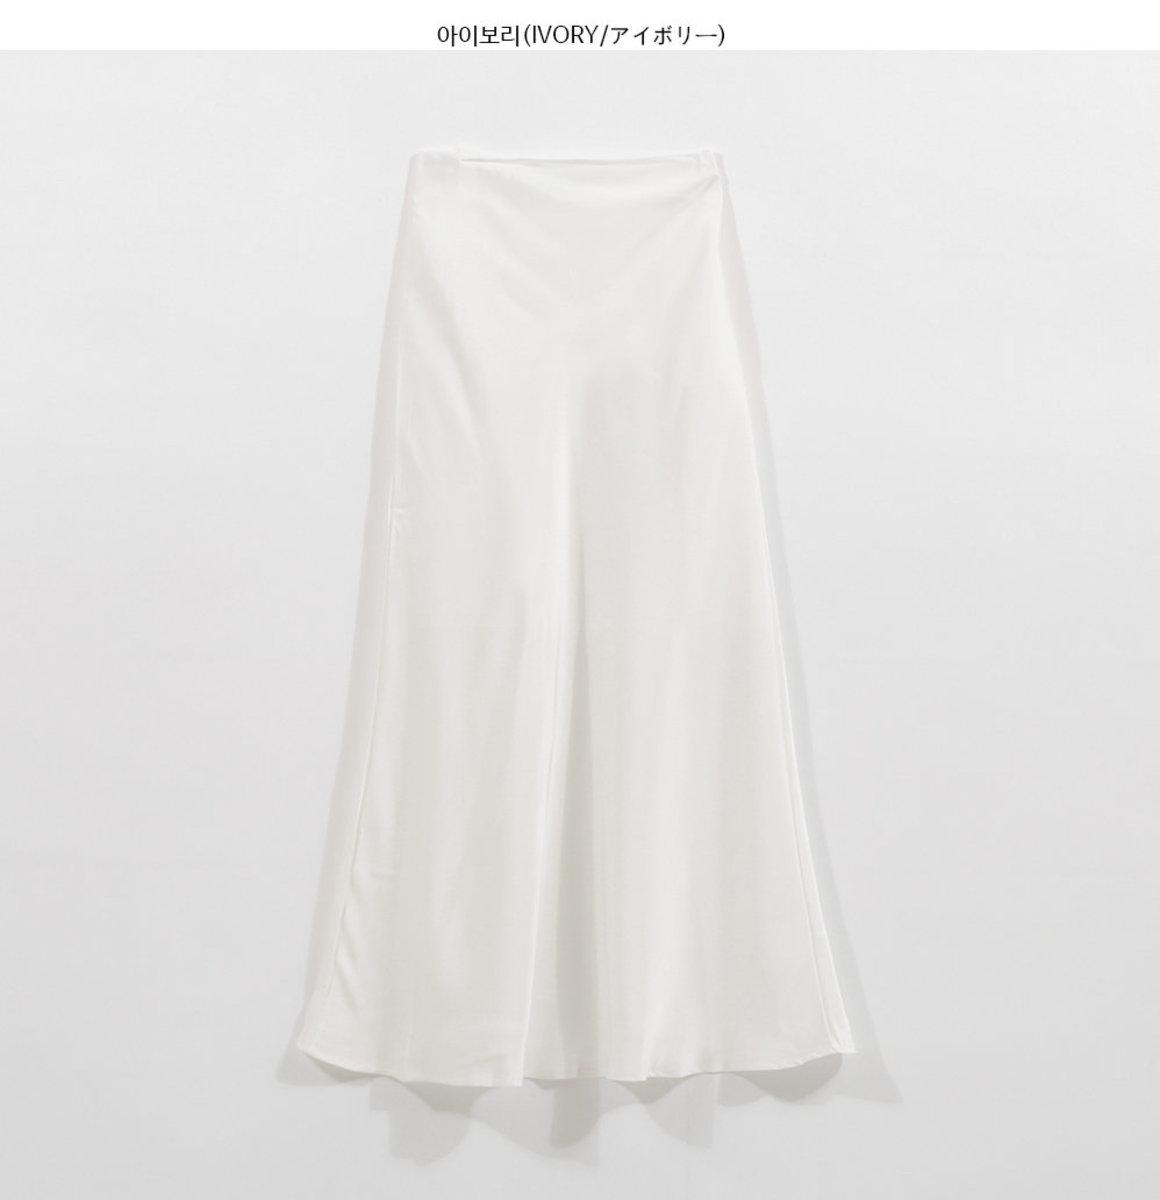 長款絲質喇叭款半截裙